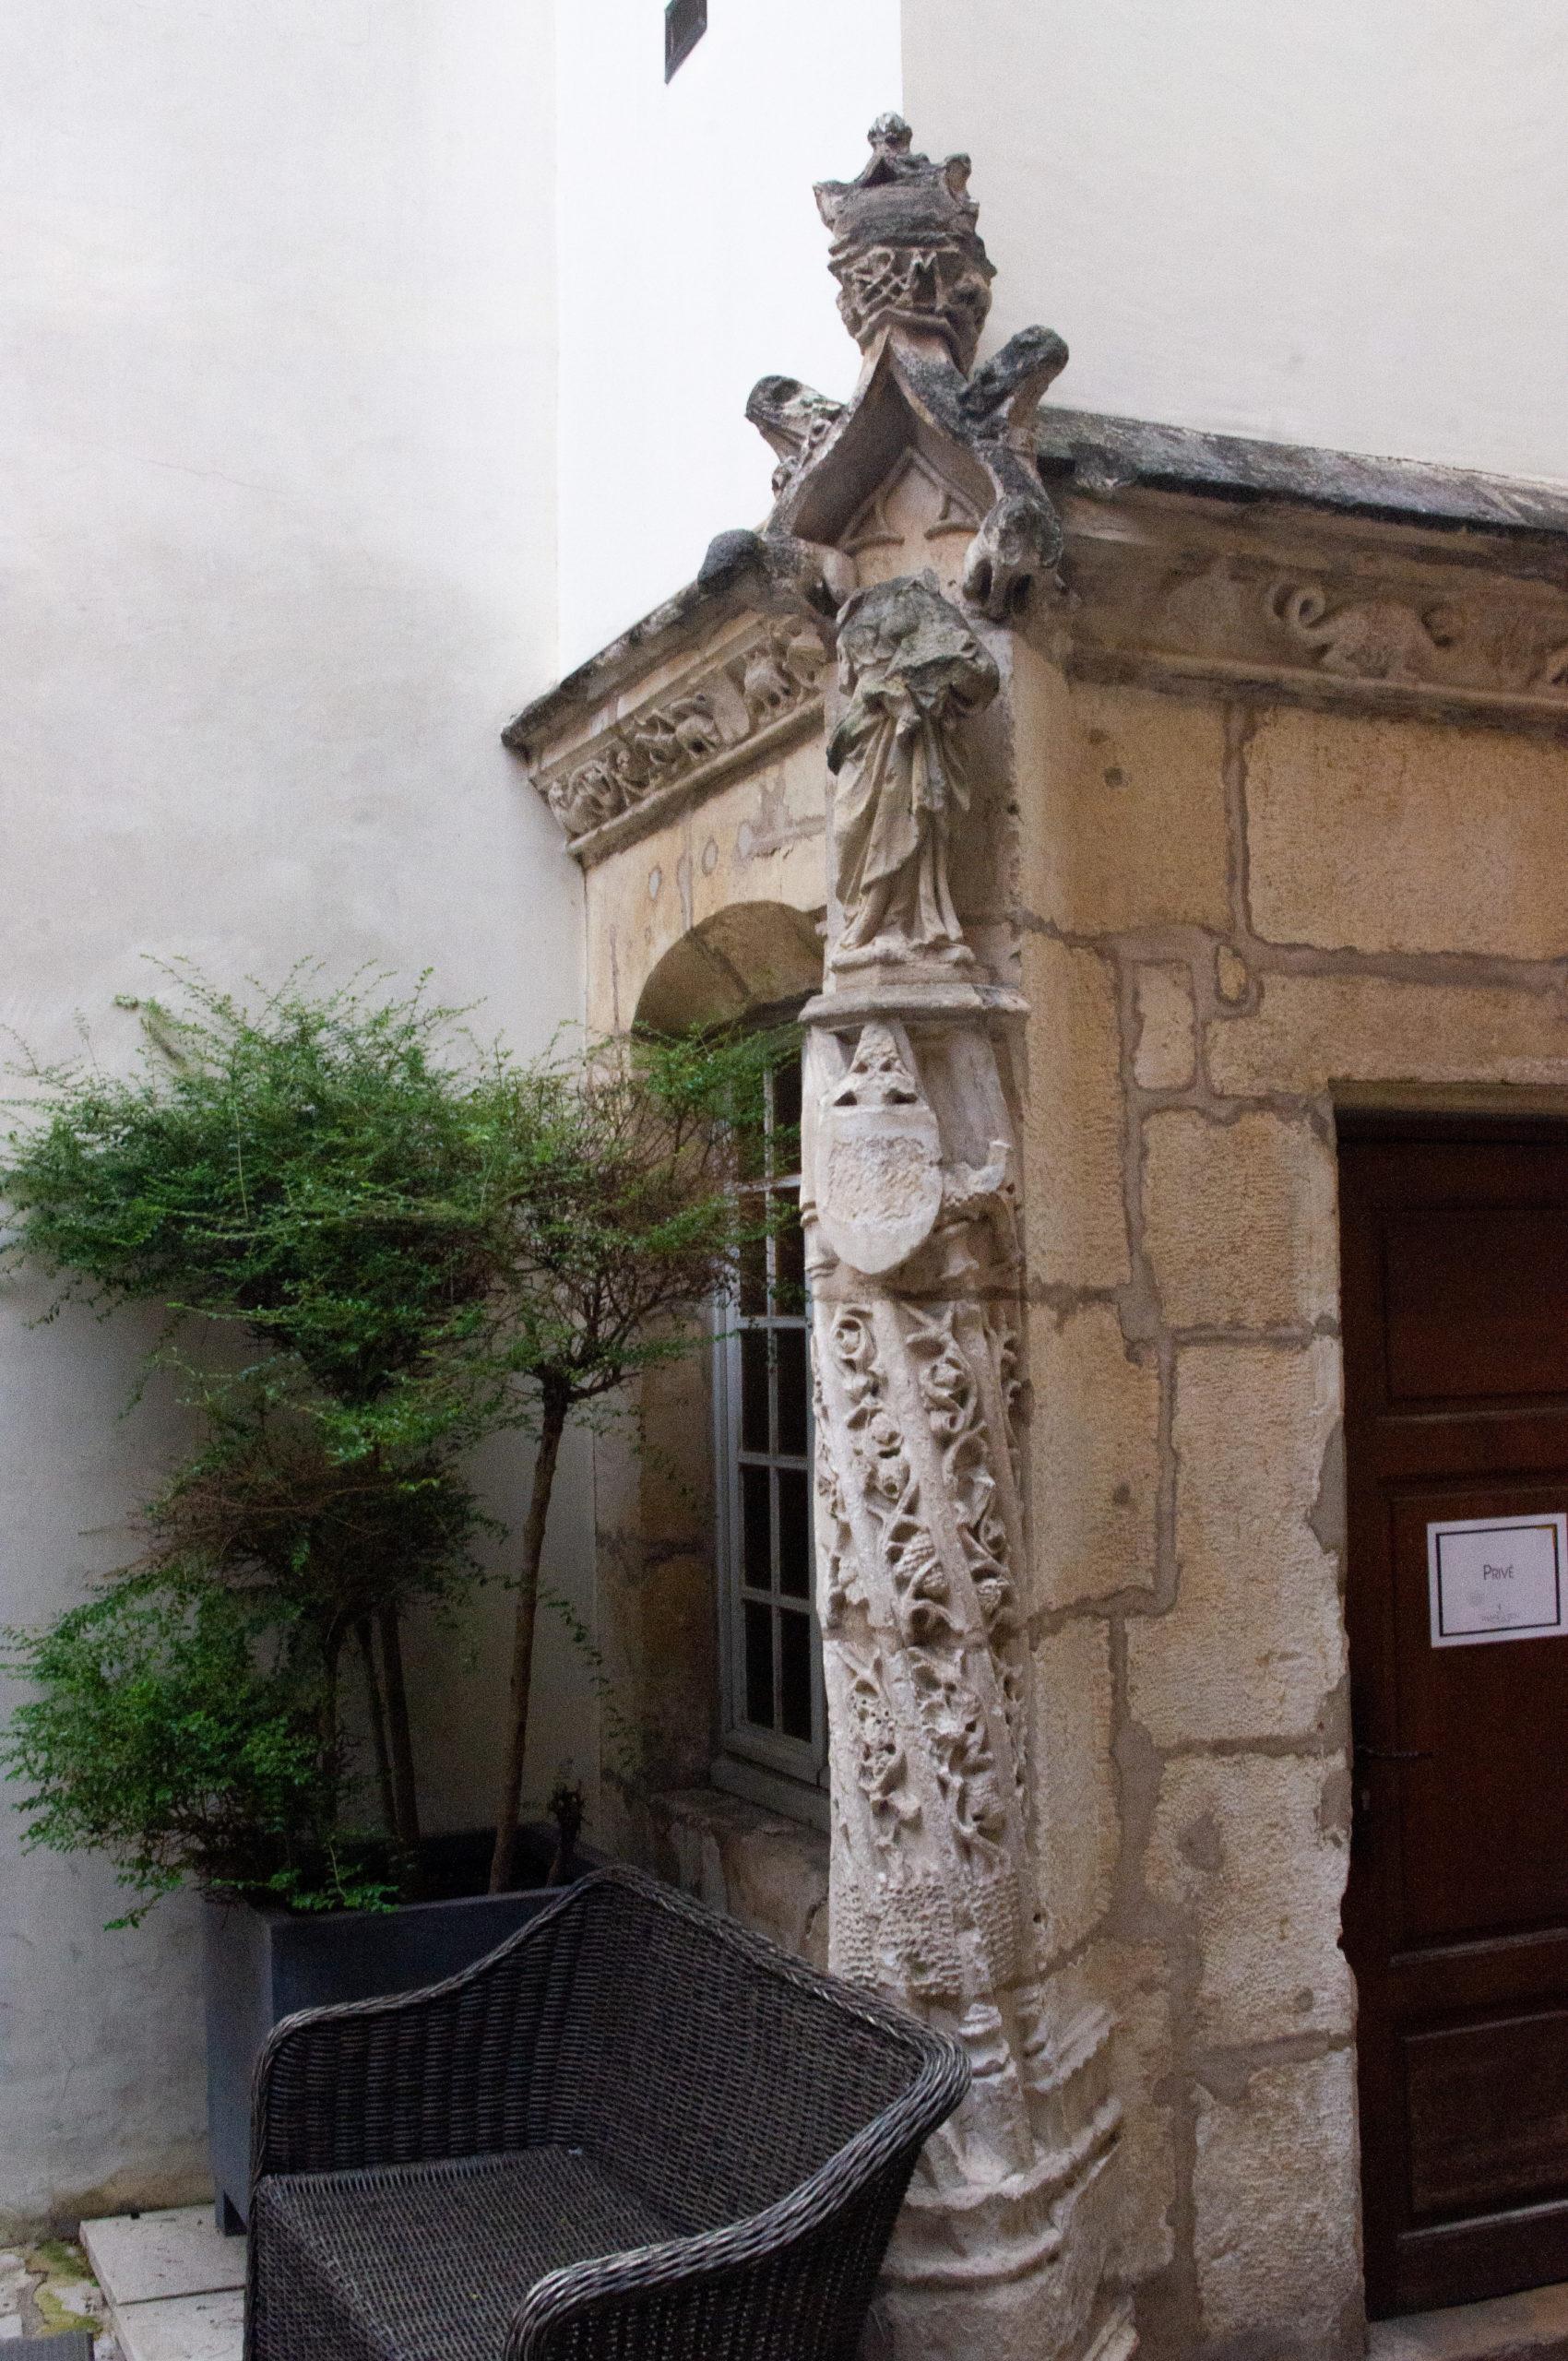 Colonne torsadée exceptionnelle dans l'ancien hôtel particulier Berbisey